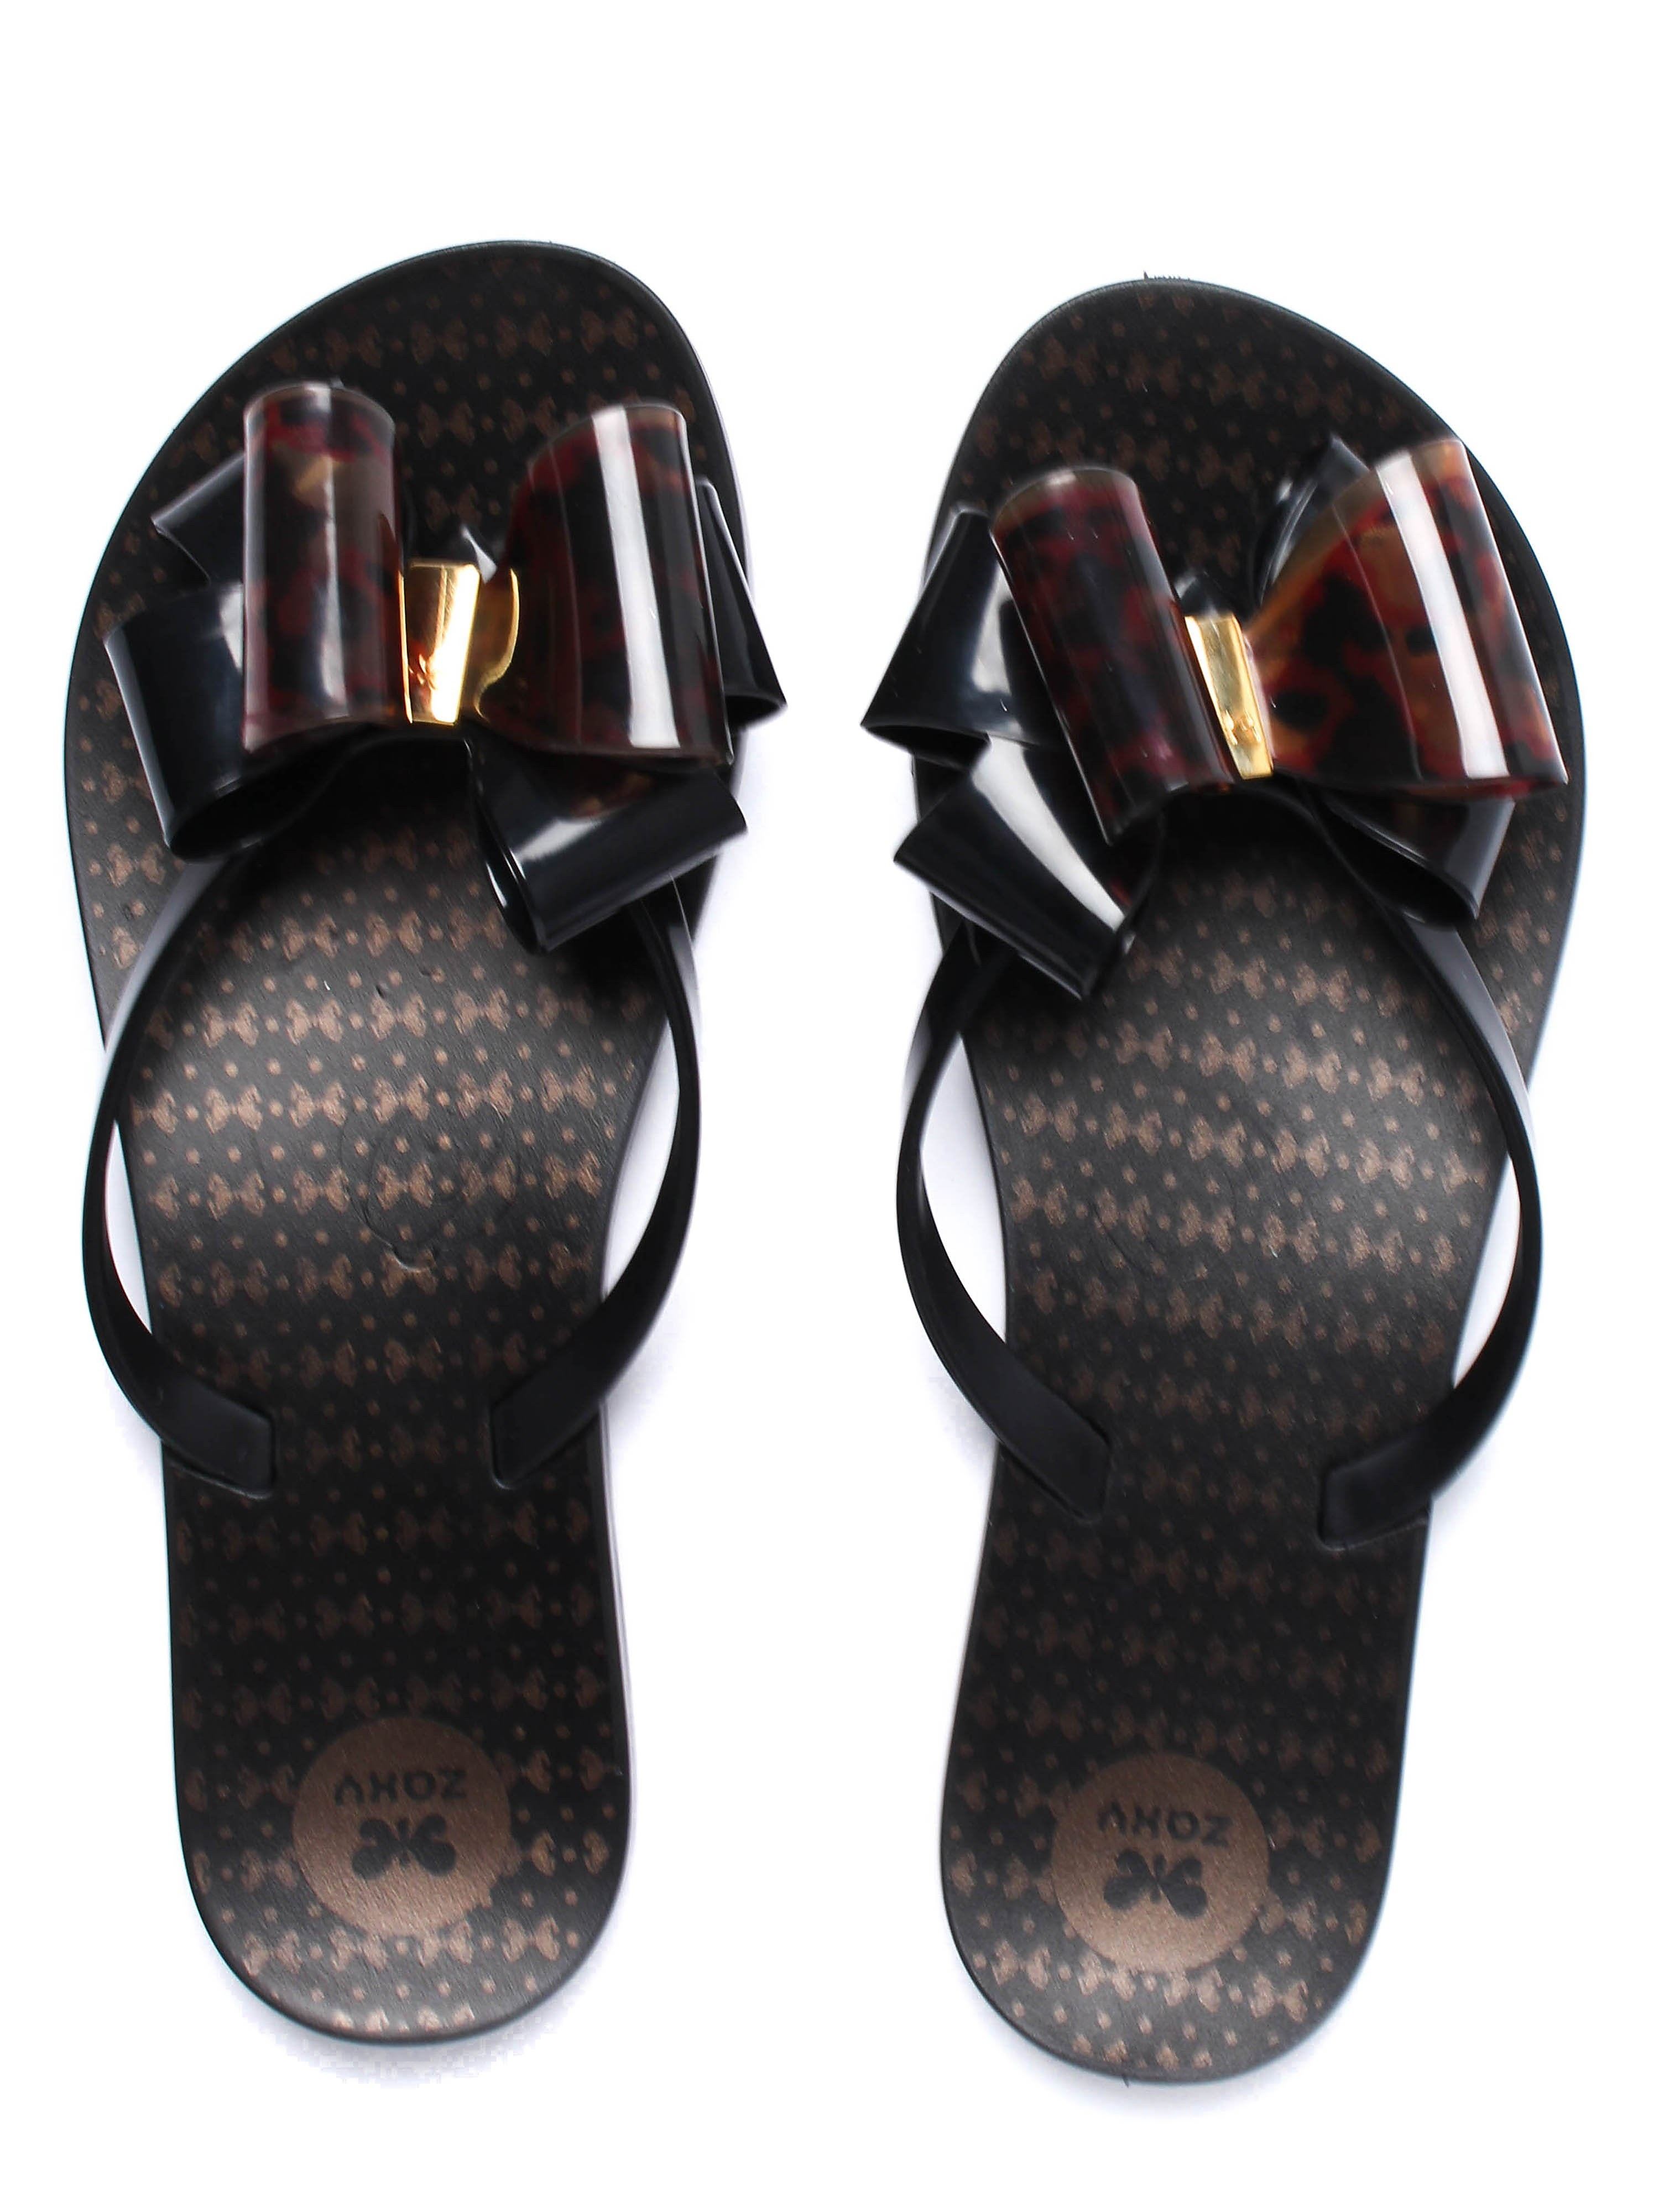 Zaxy Women's Link Twin Bow Flip Flops - Black/Tortoiseshell